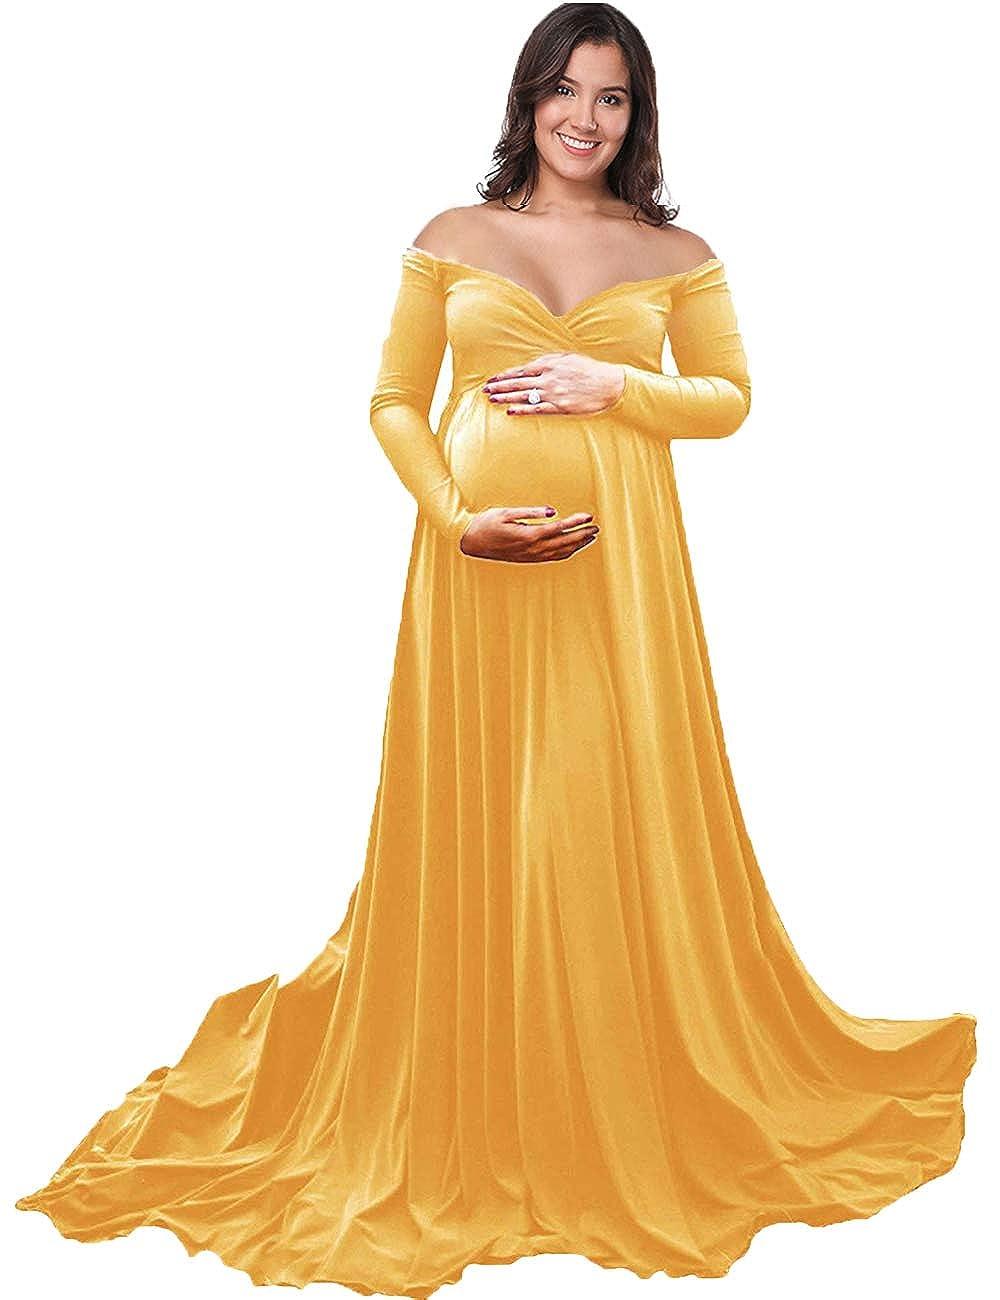 100%正規品 JustVH Yellow DRESS Yellow レディース Large|01 B07PRB4KMY Large|01 Yellow 01 Yellow Large, LAインポート HotClothing:e0a0cf7f --- mcrisartesanato.com.br